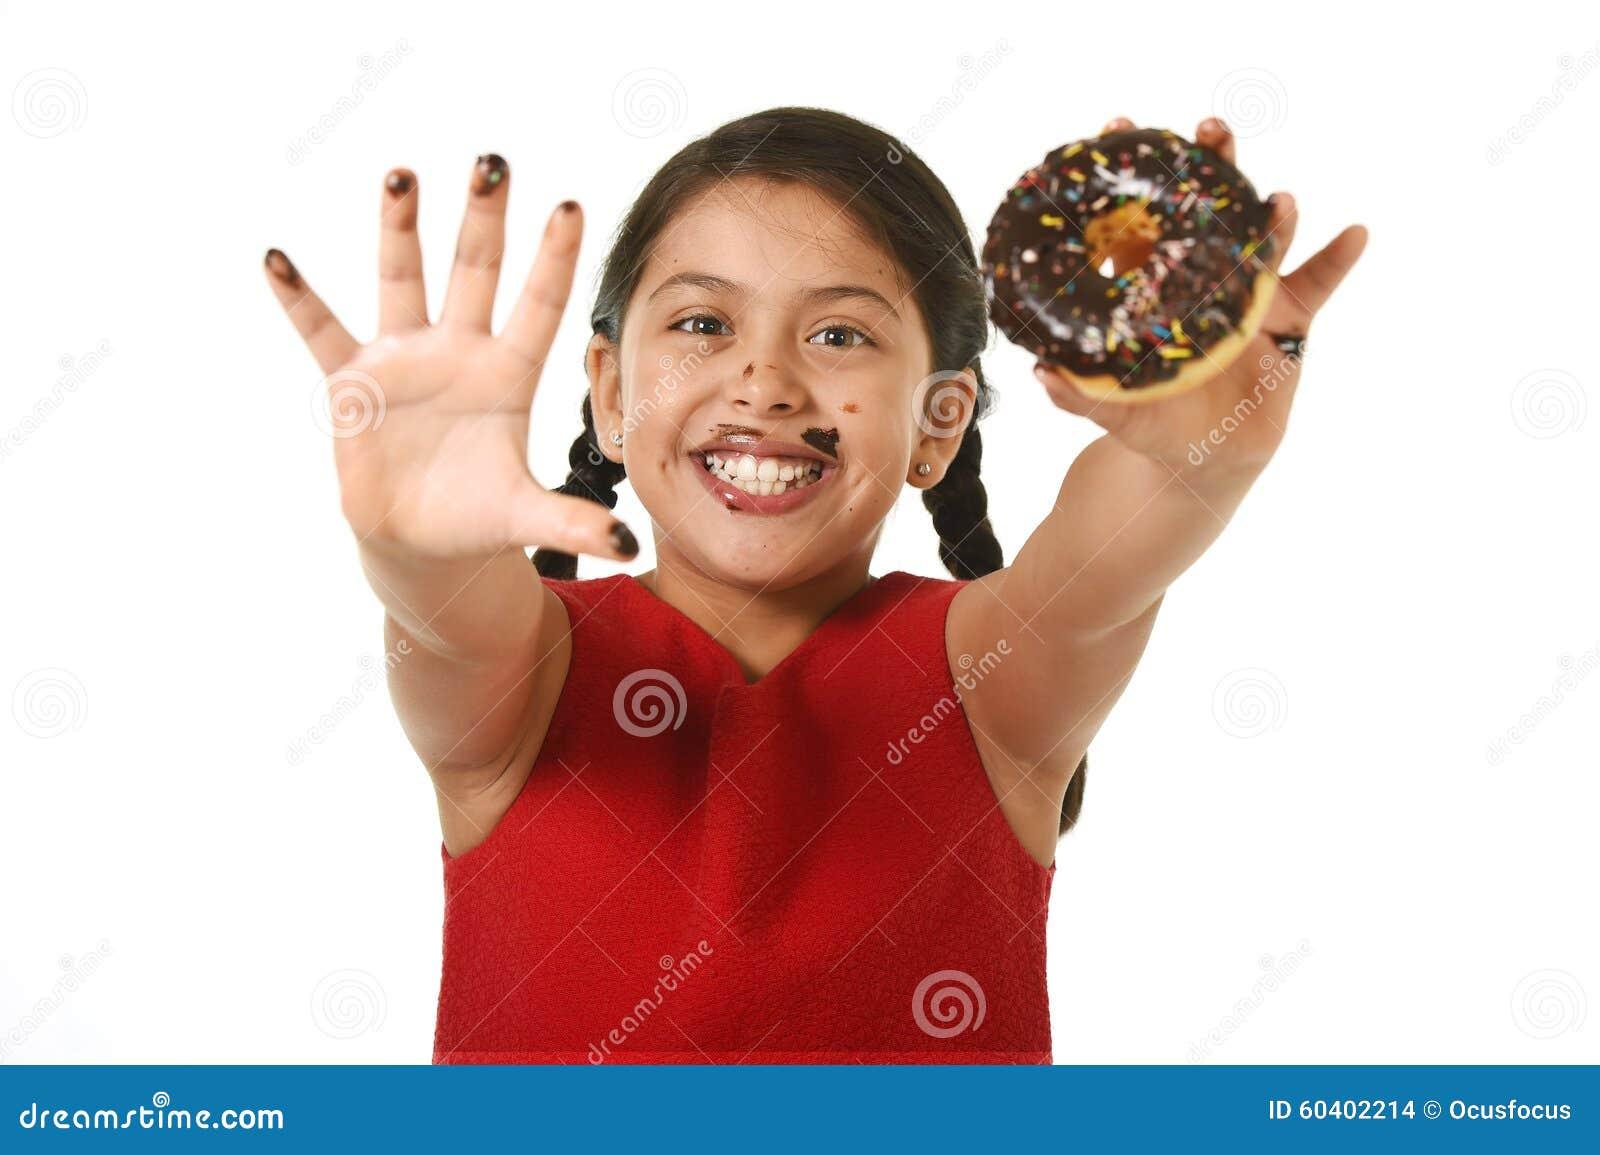 举行巧克力多福饼用手和嘴被弄脏和肮脏显示的微笑的红色礼服的拉丁女孩愉快